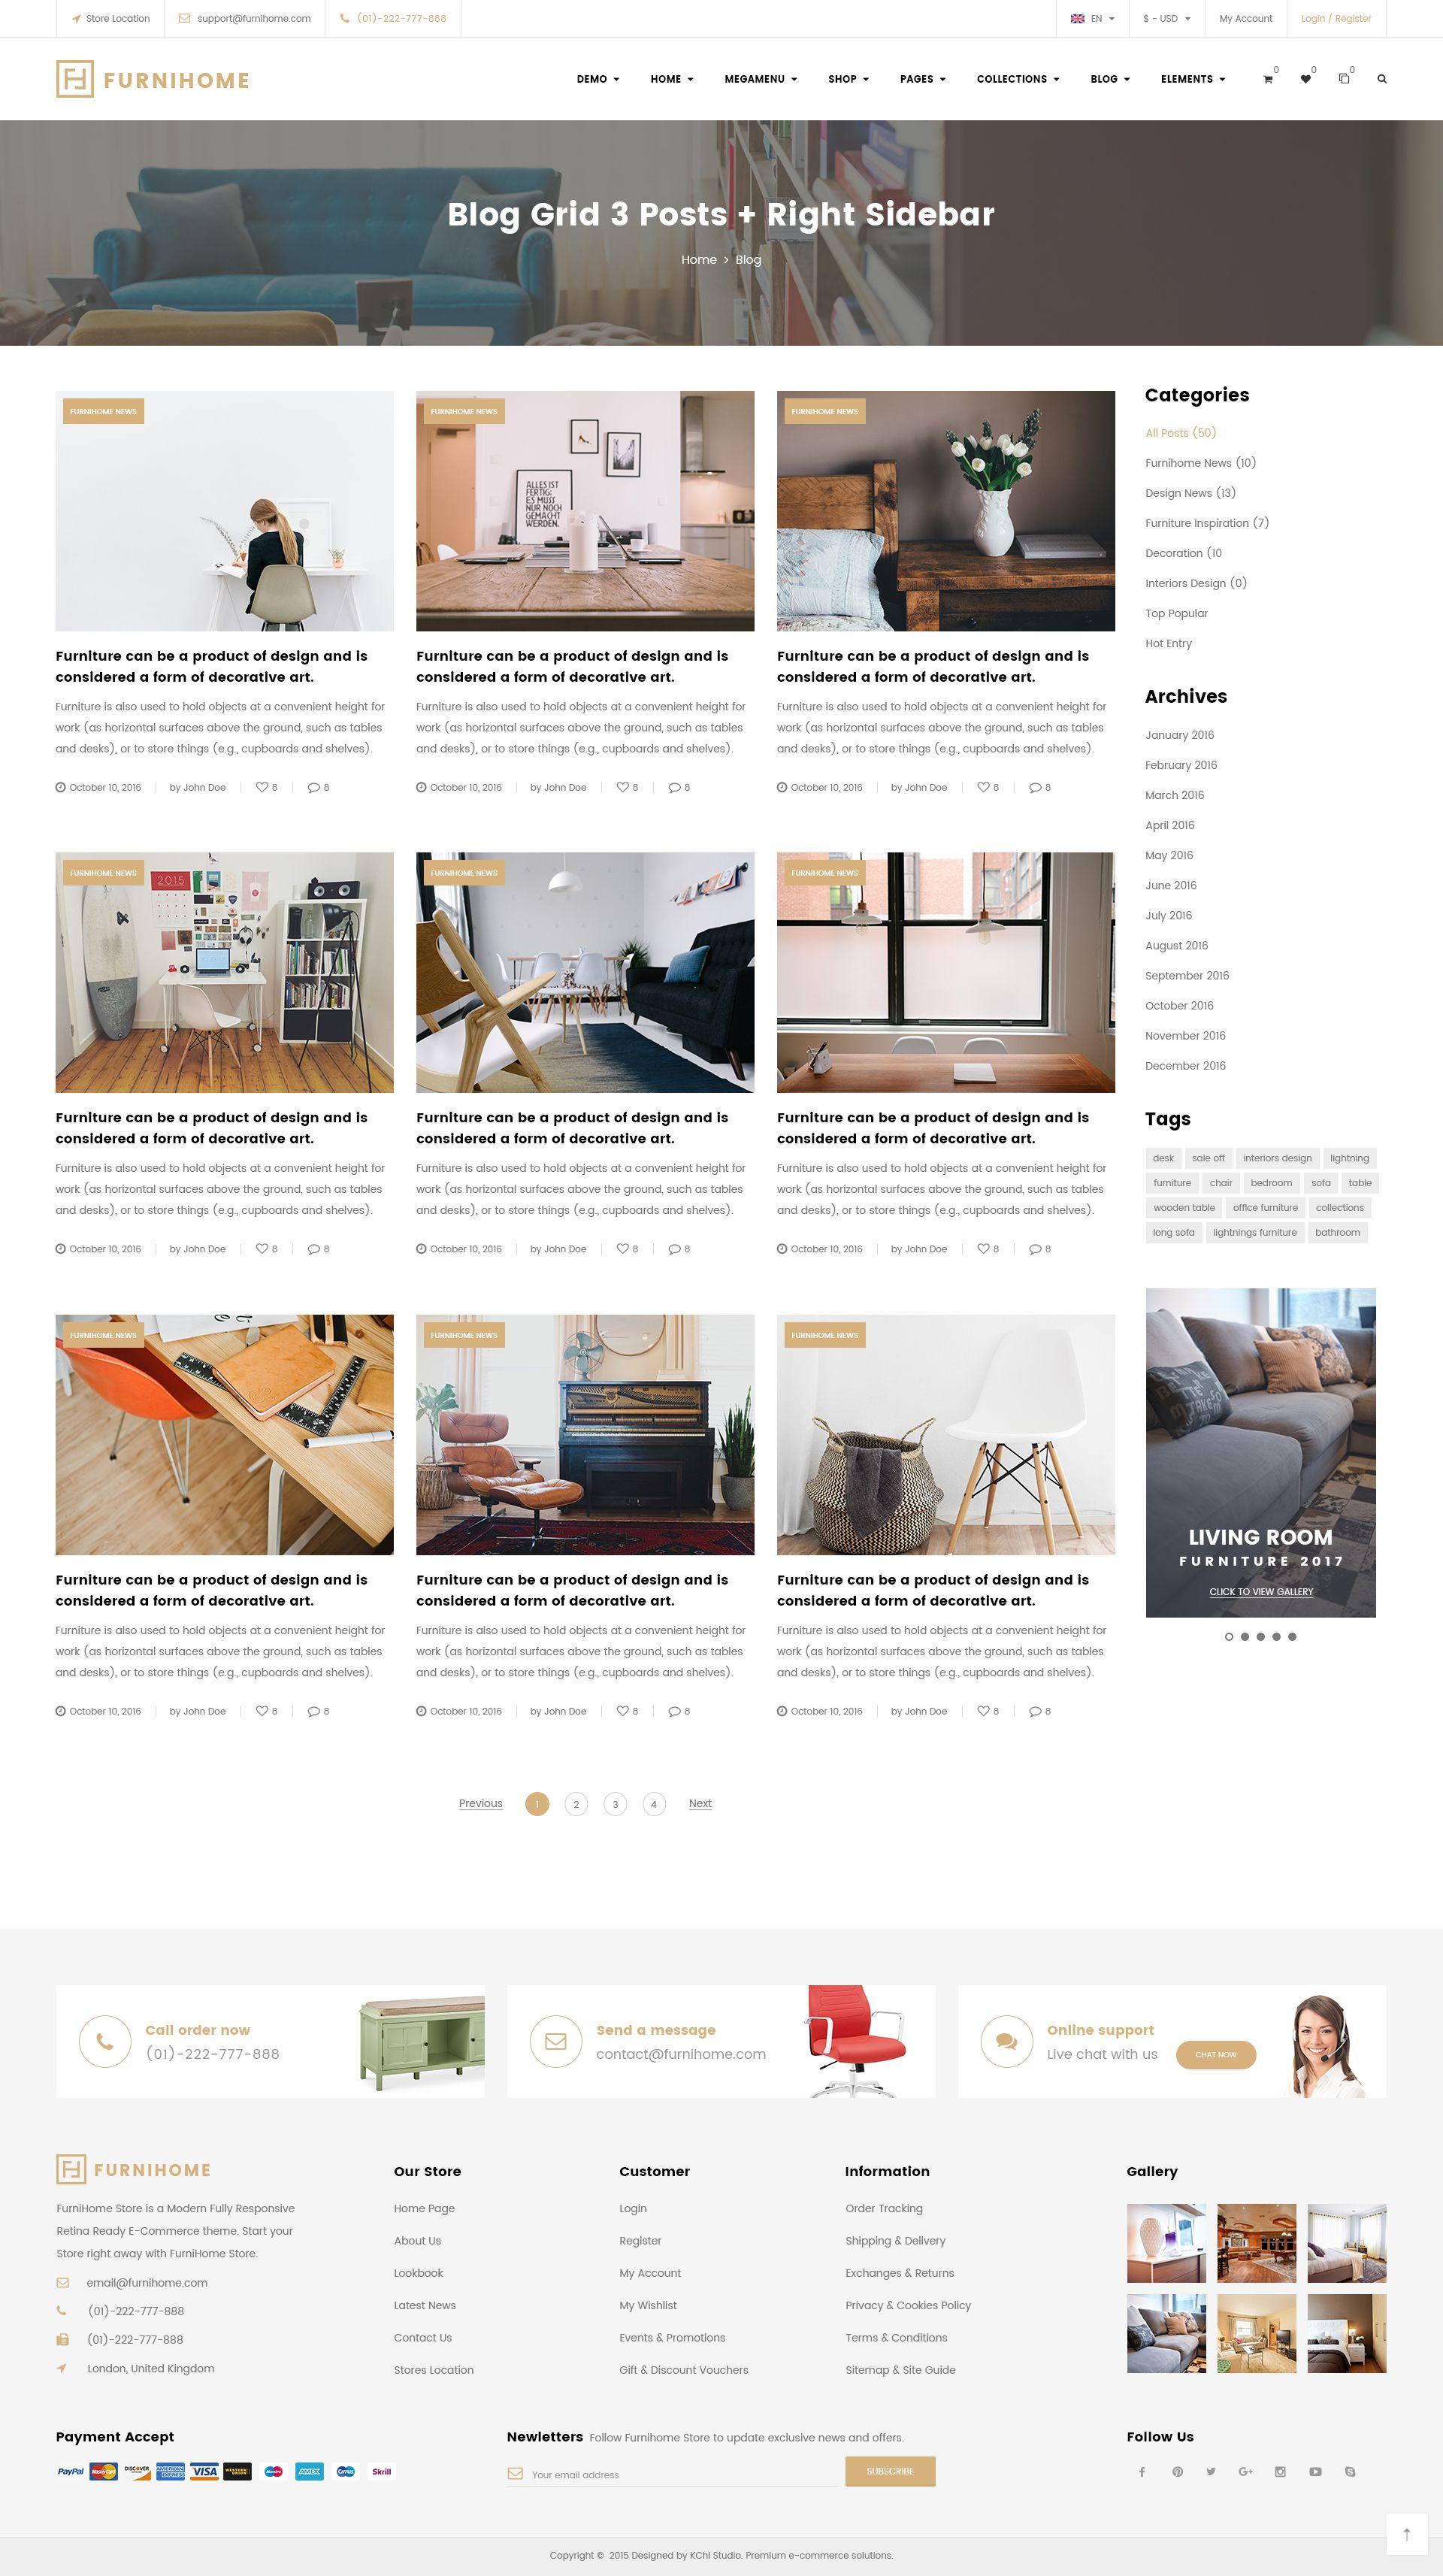 Furnihome E merce PSD Template for Furniture Store PSD